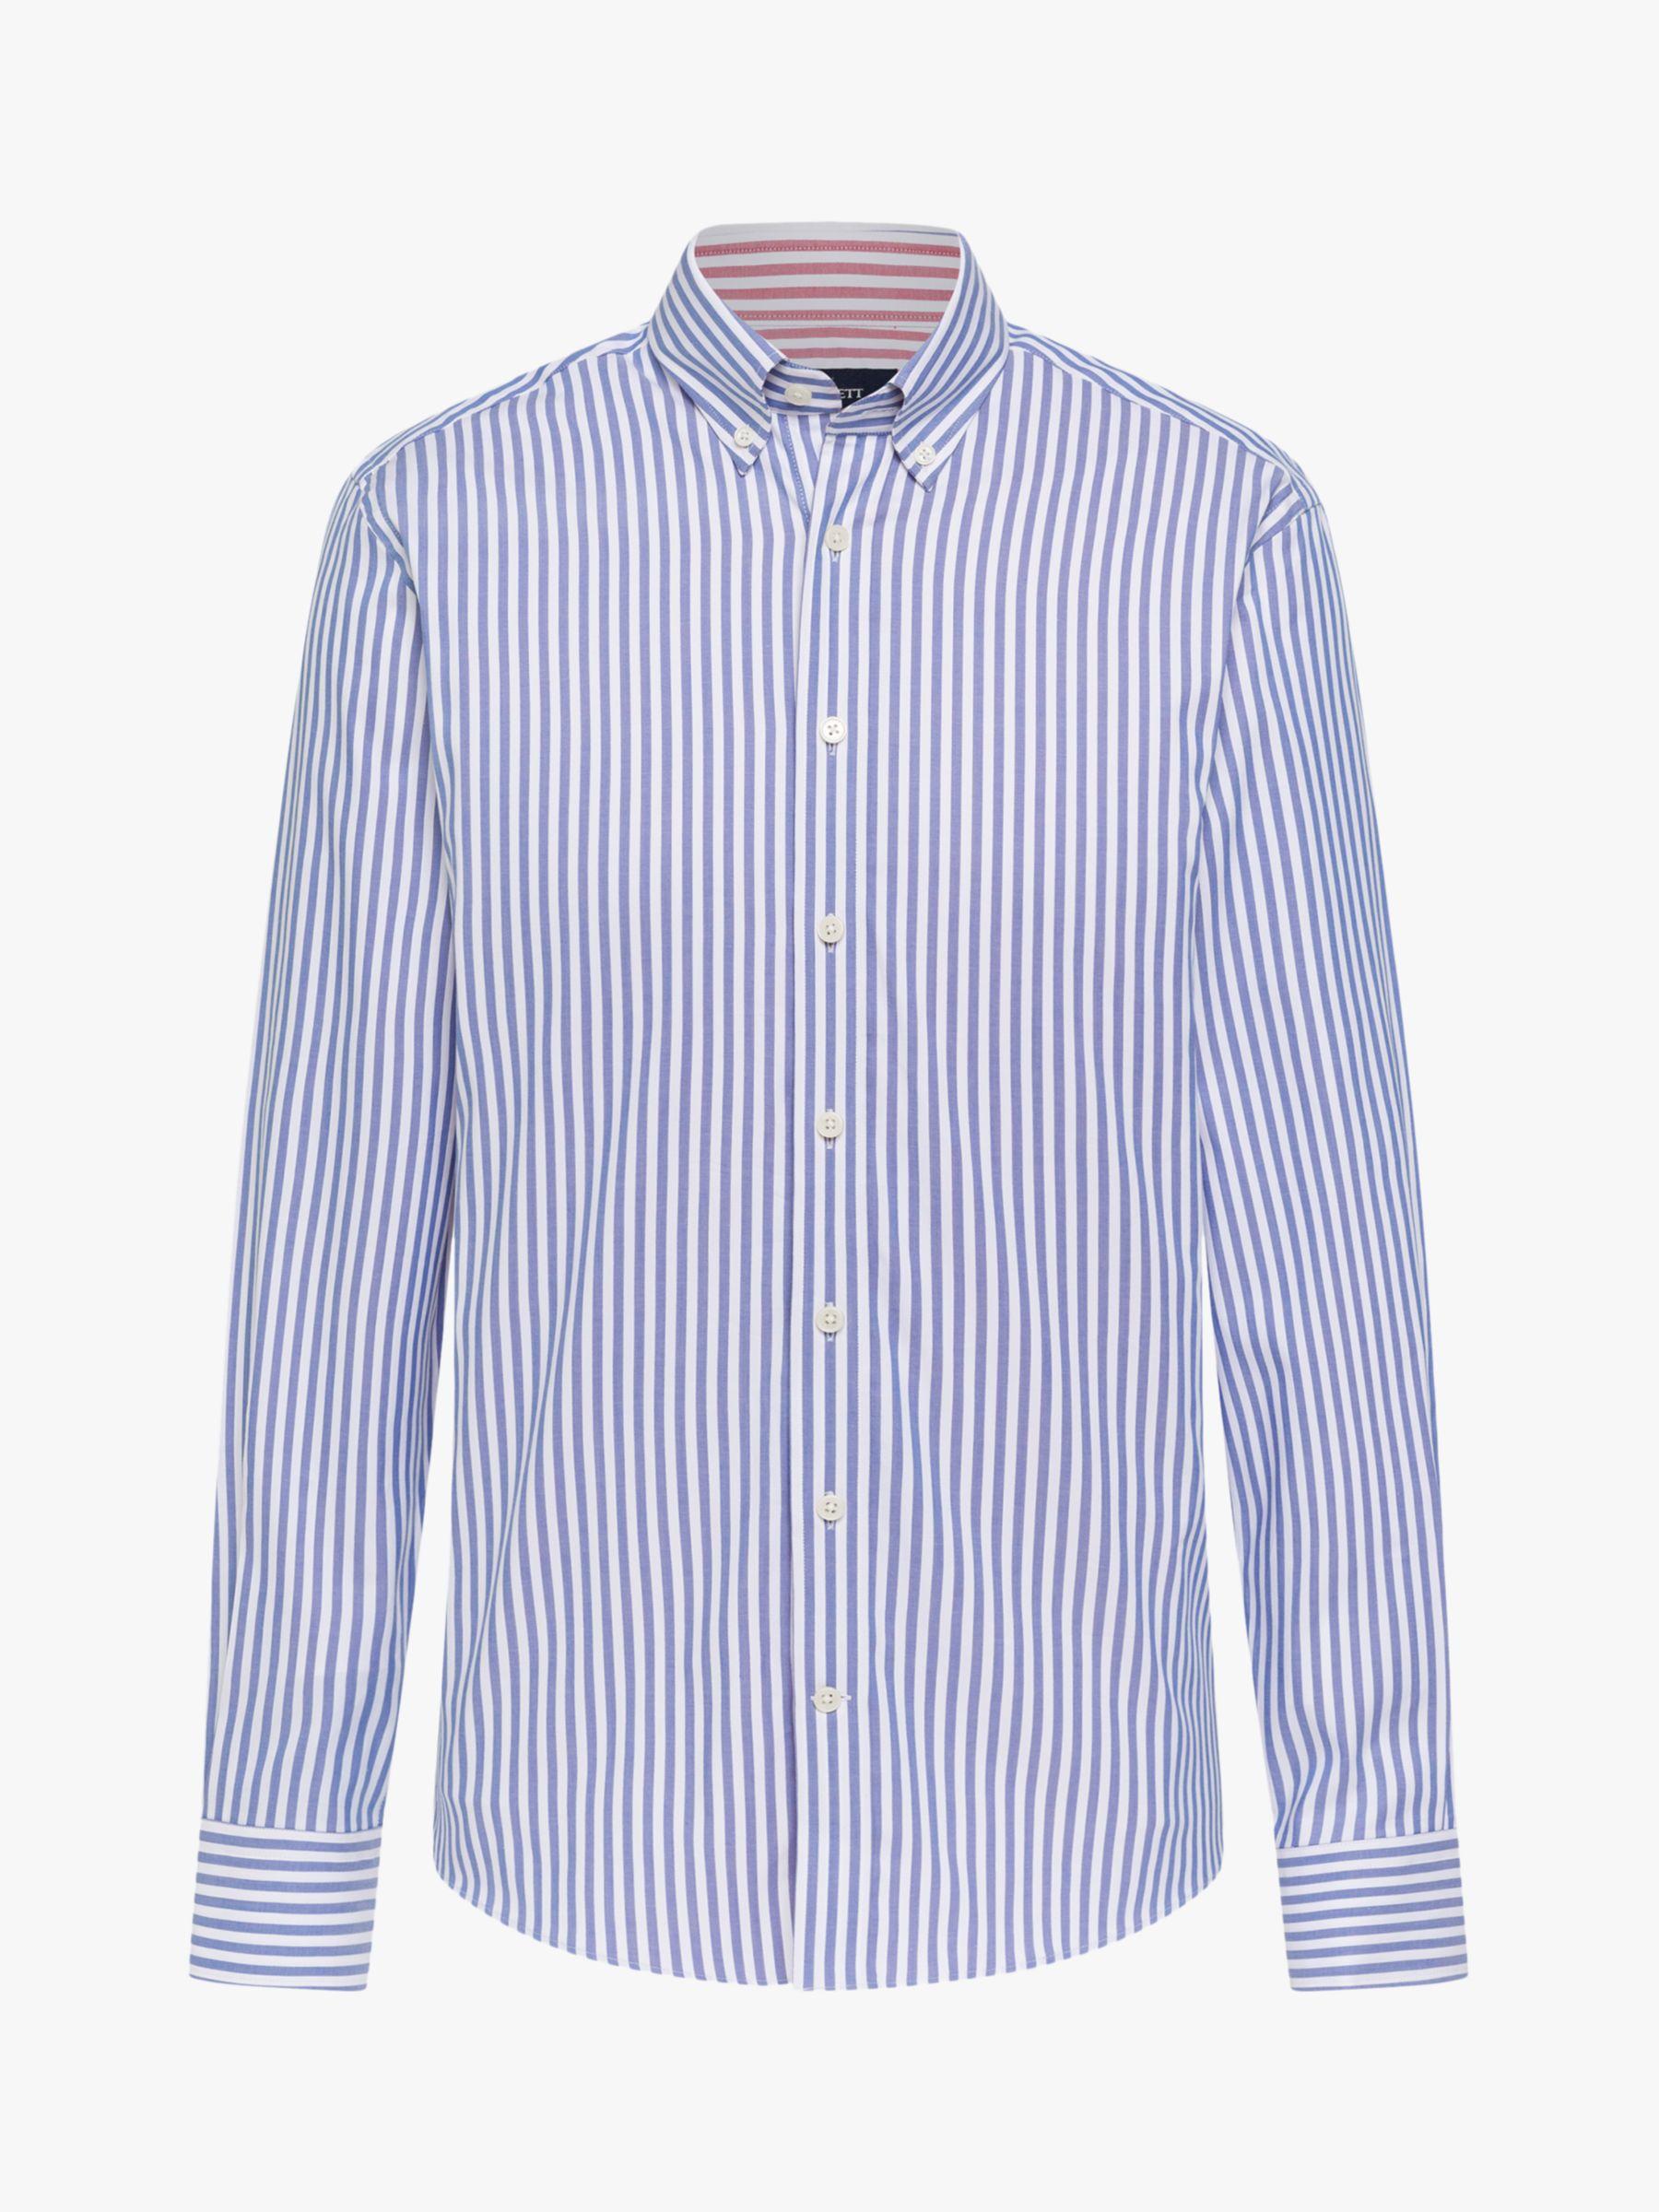 Hackett London Hackett London Double Sided Striped Butcher Shirt